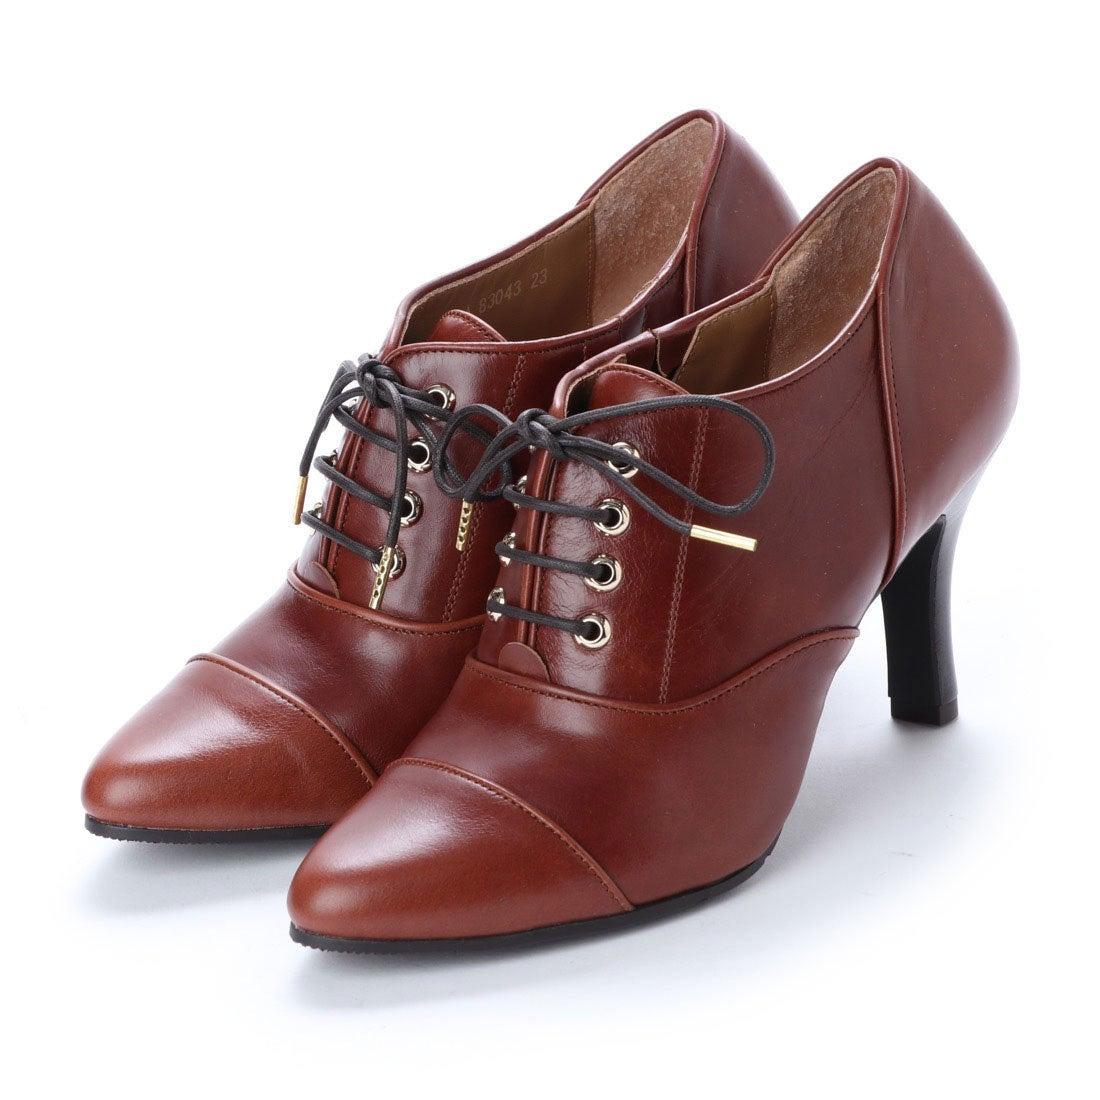 ロコンド 靴とファッションの通販サイトスタイルラボ STYLE lab 【高機能】レースアップポインテッドトゥパンプス (ブラウン)